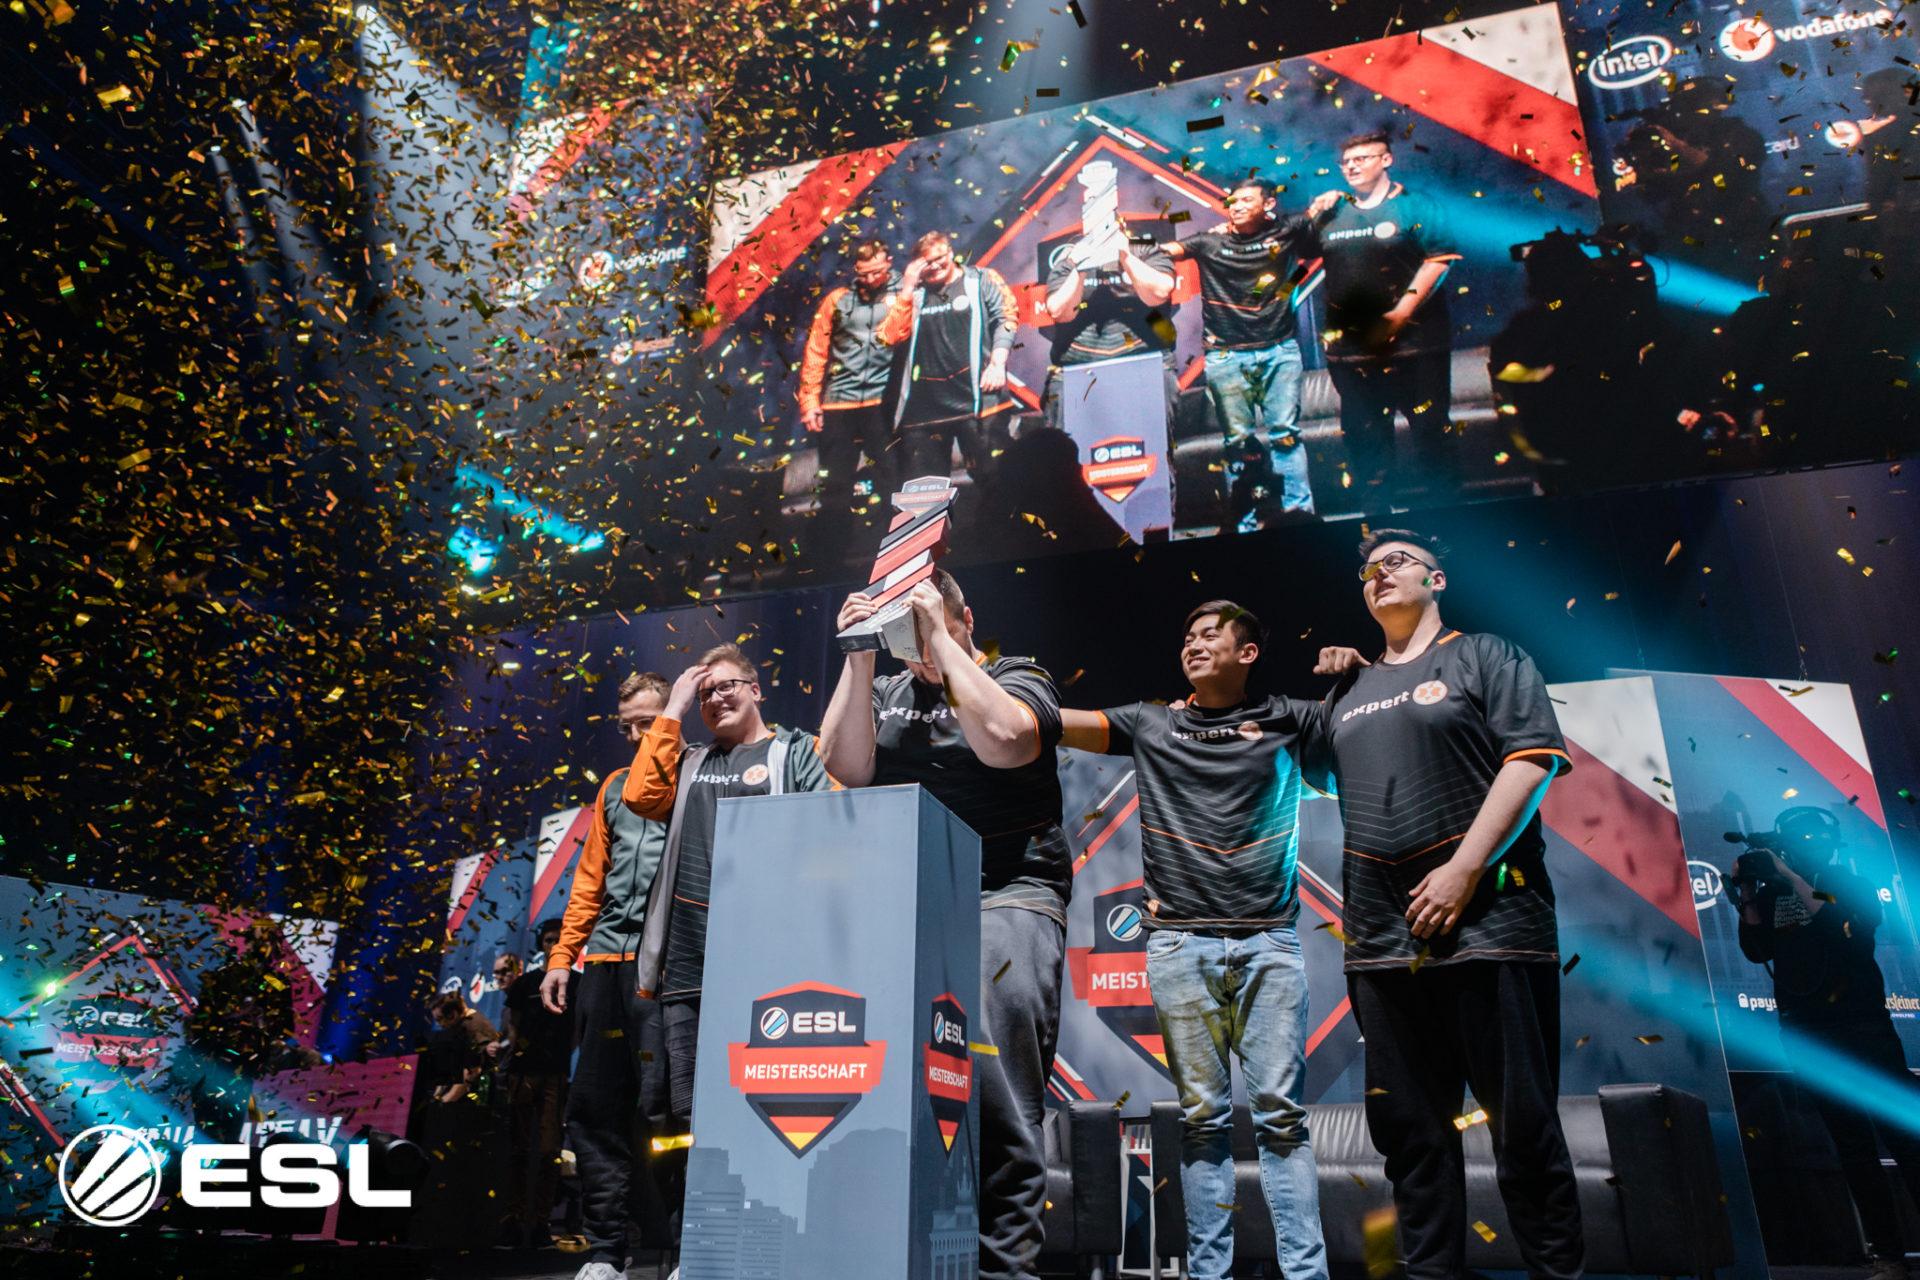 Die CS:GO Halbfinale in Düsseldorf: Wer kämpft am Ende um den Titel?